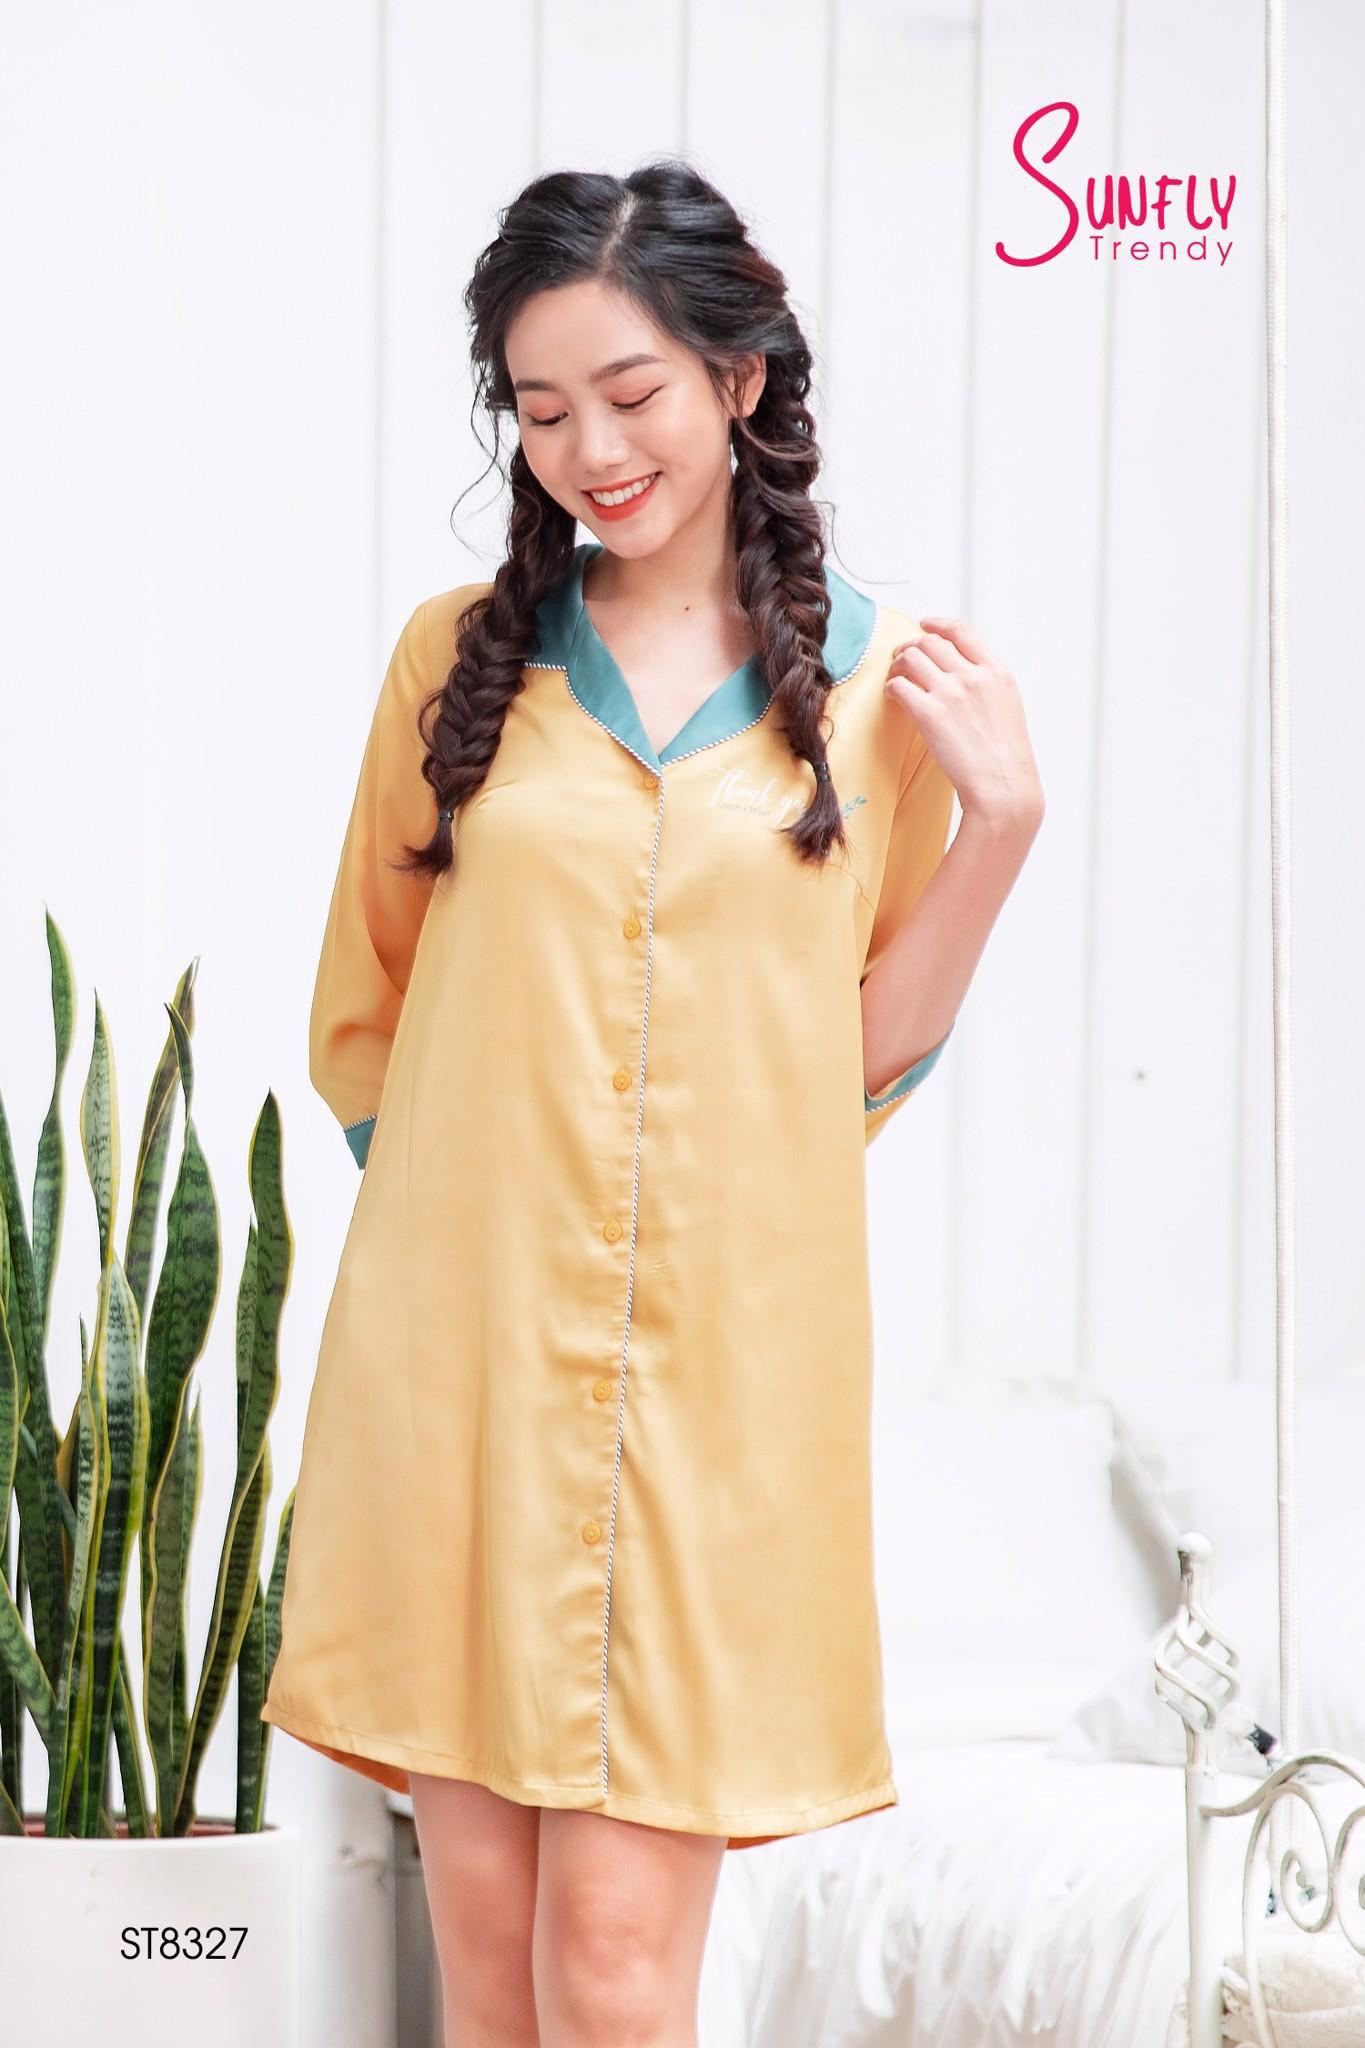 """Tín đồ thời trang làm gì lúc #stayhome: Ở nhà vẫn mặc đồ """"chanh sả"""" với loạt items có giá dưới 200k - Ảnh 3."""